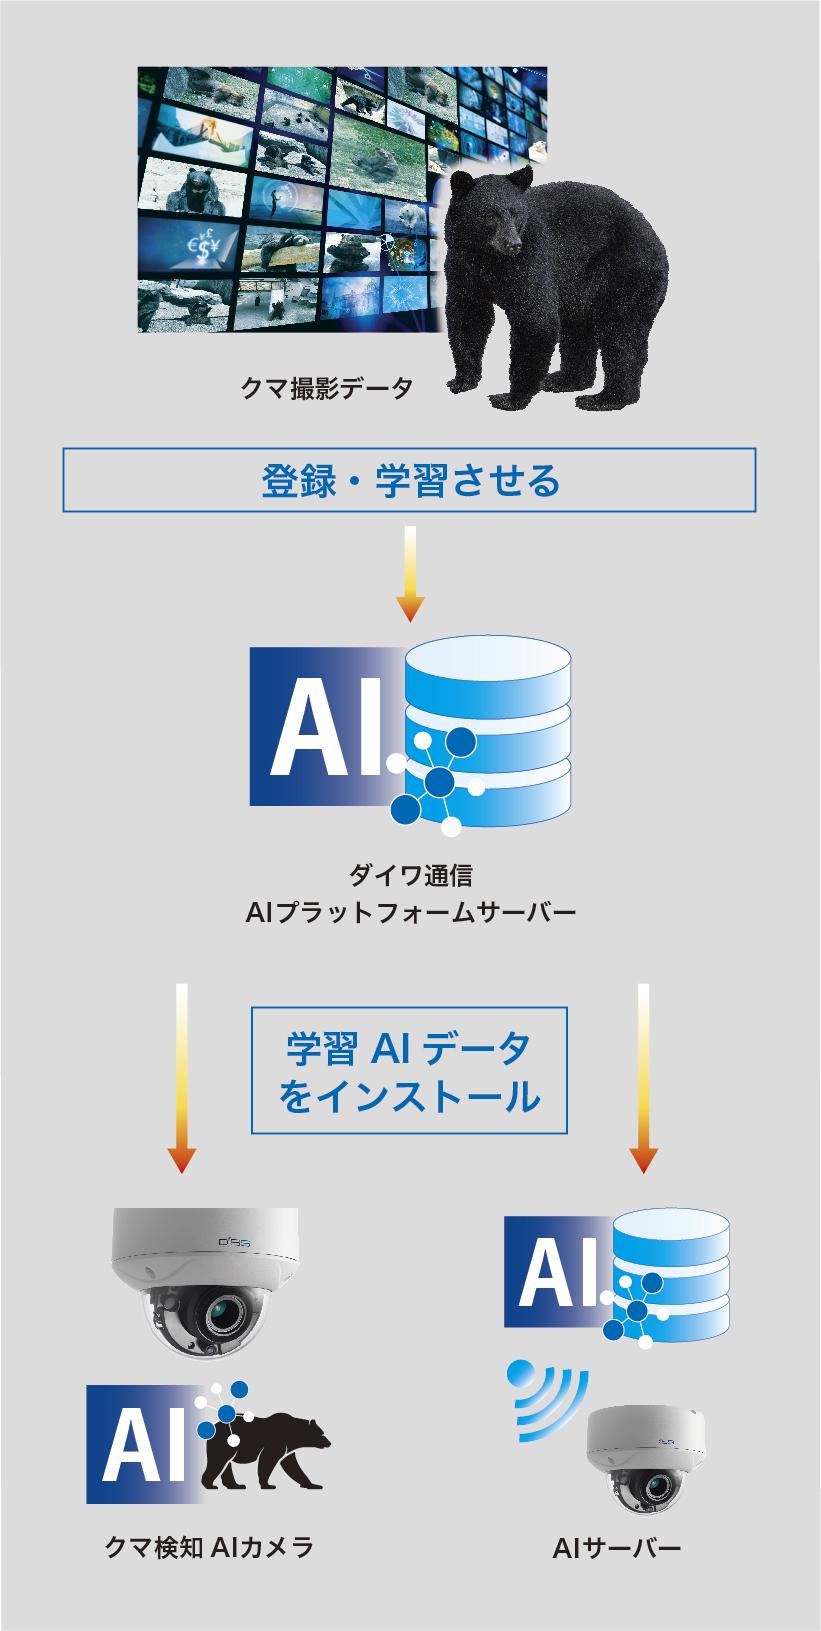 koji_nakagawa@neuron.network